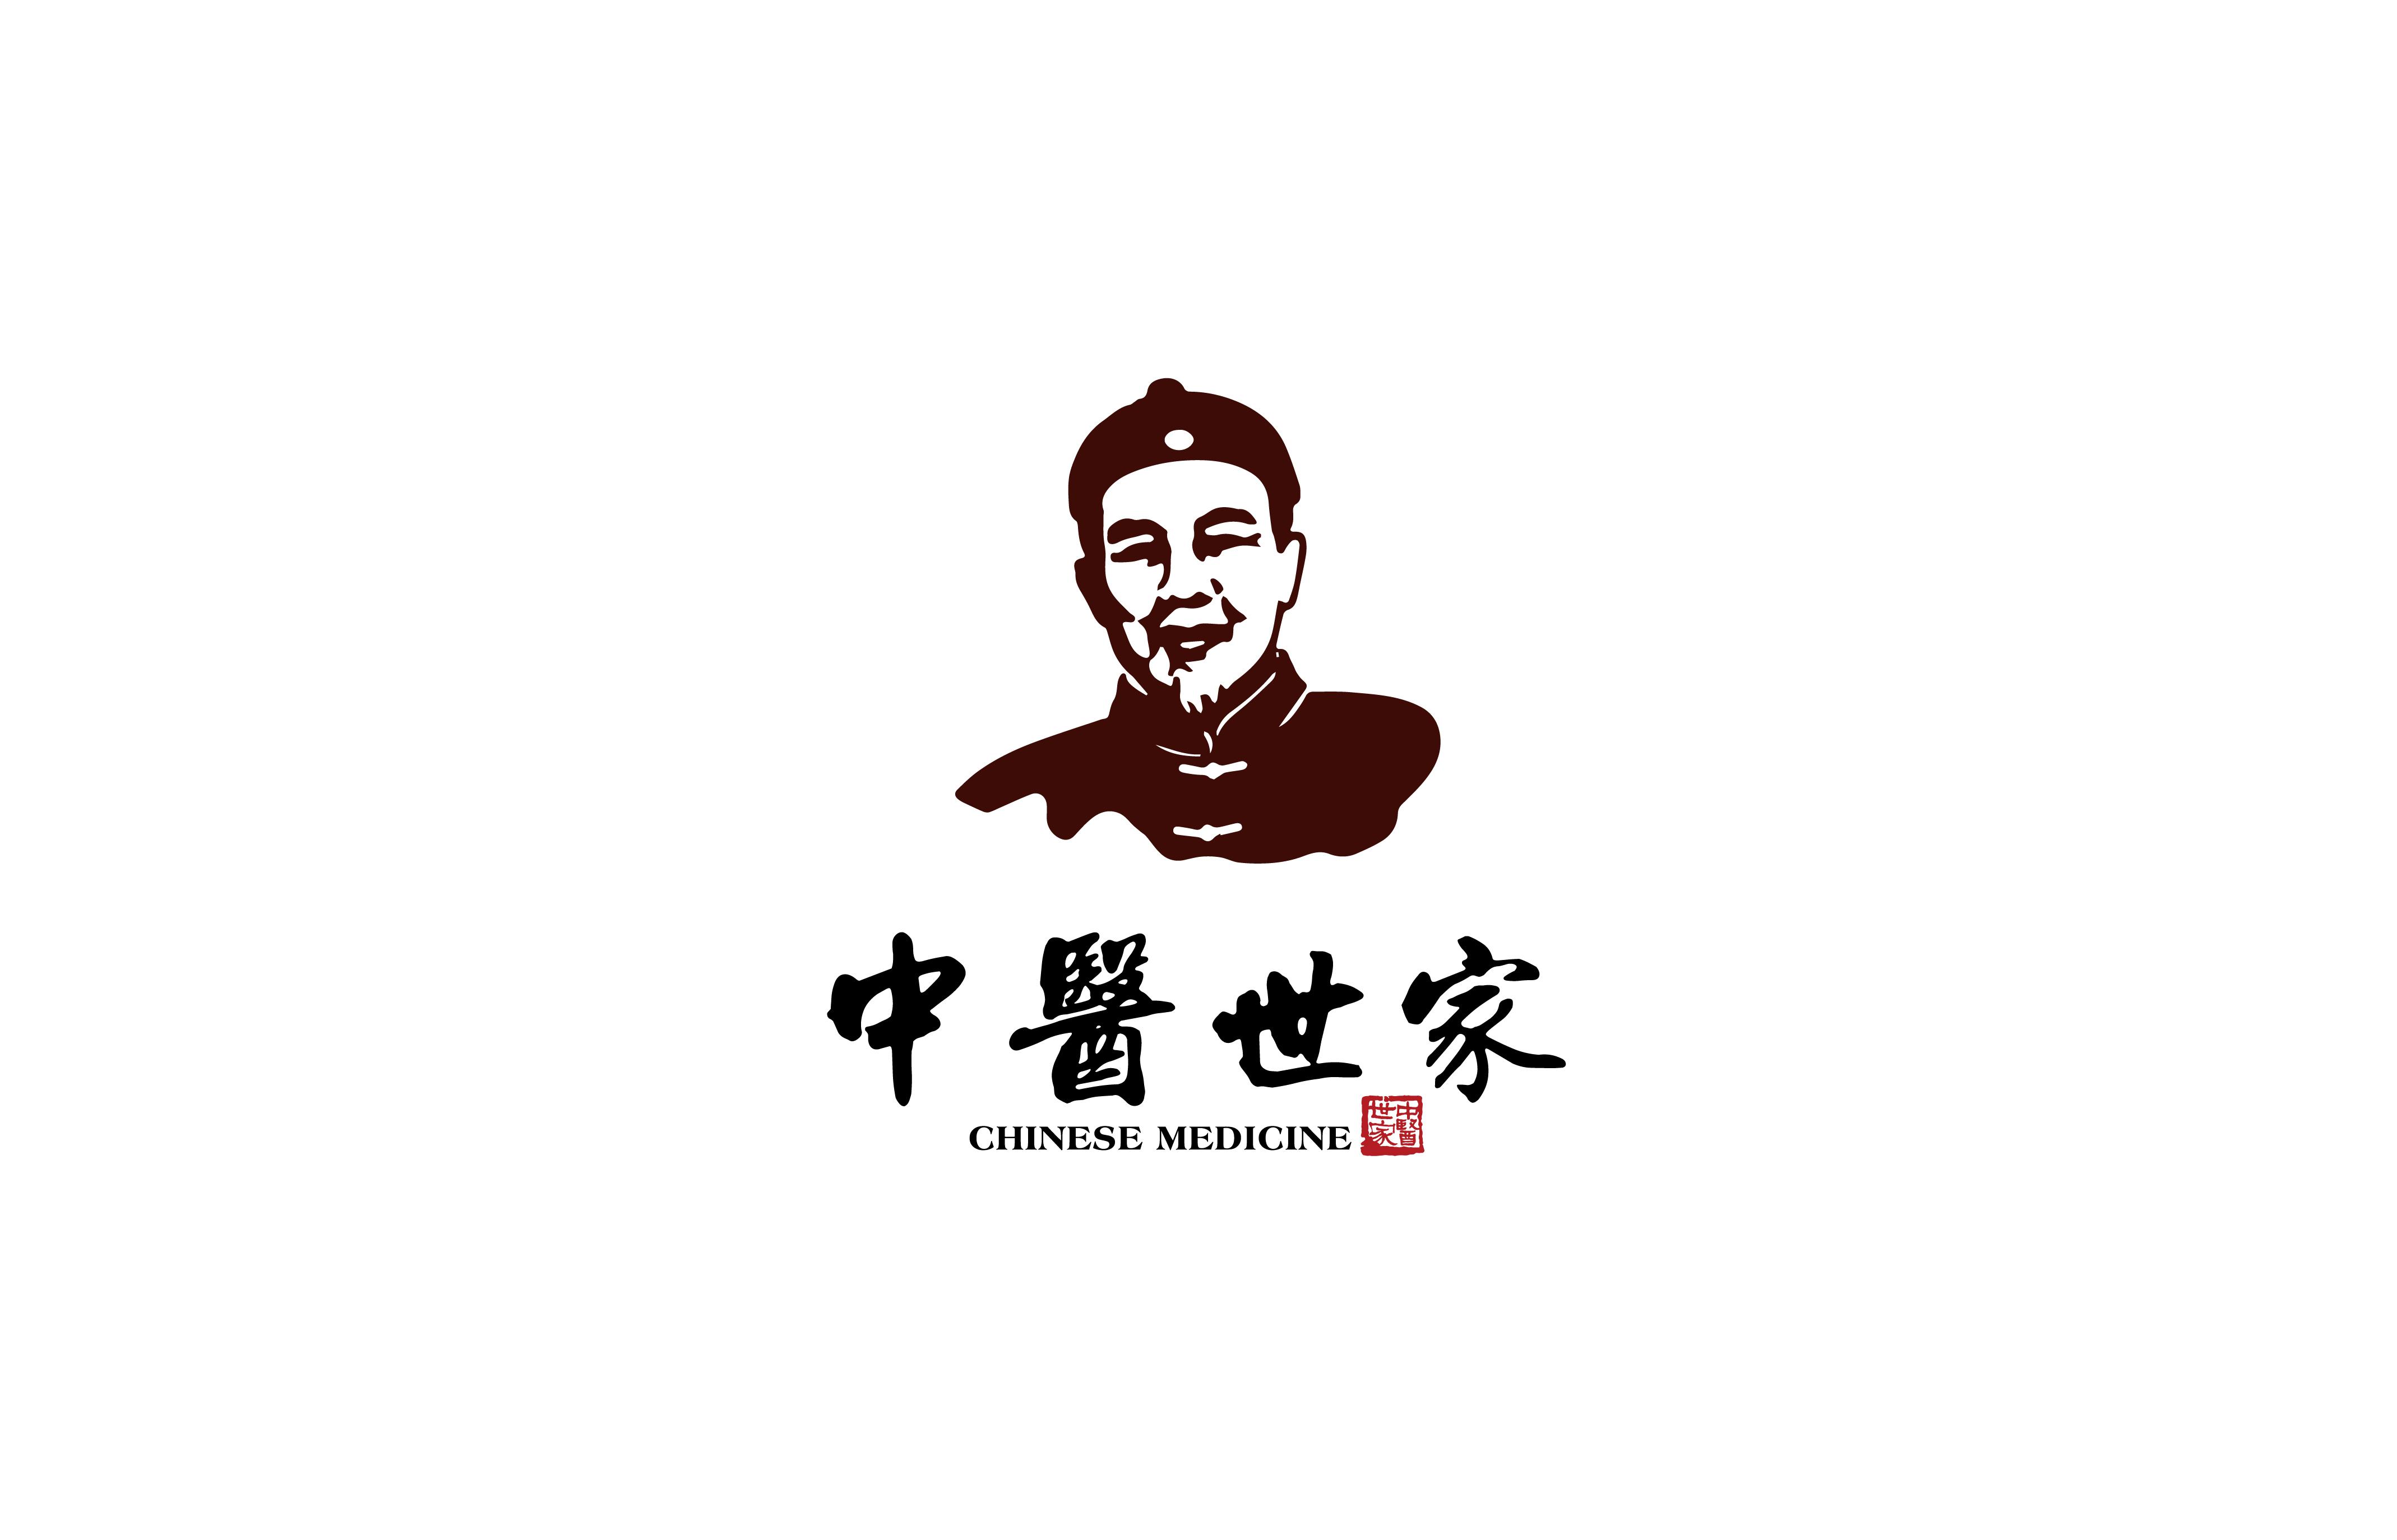 中医世家中医药品牌连锁logo提案 平面 标志 染而不色